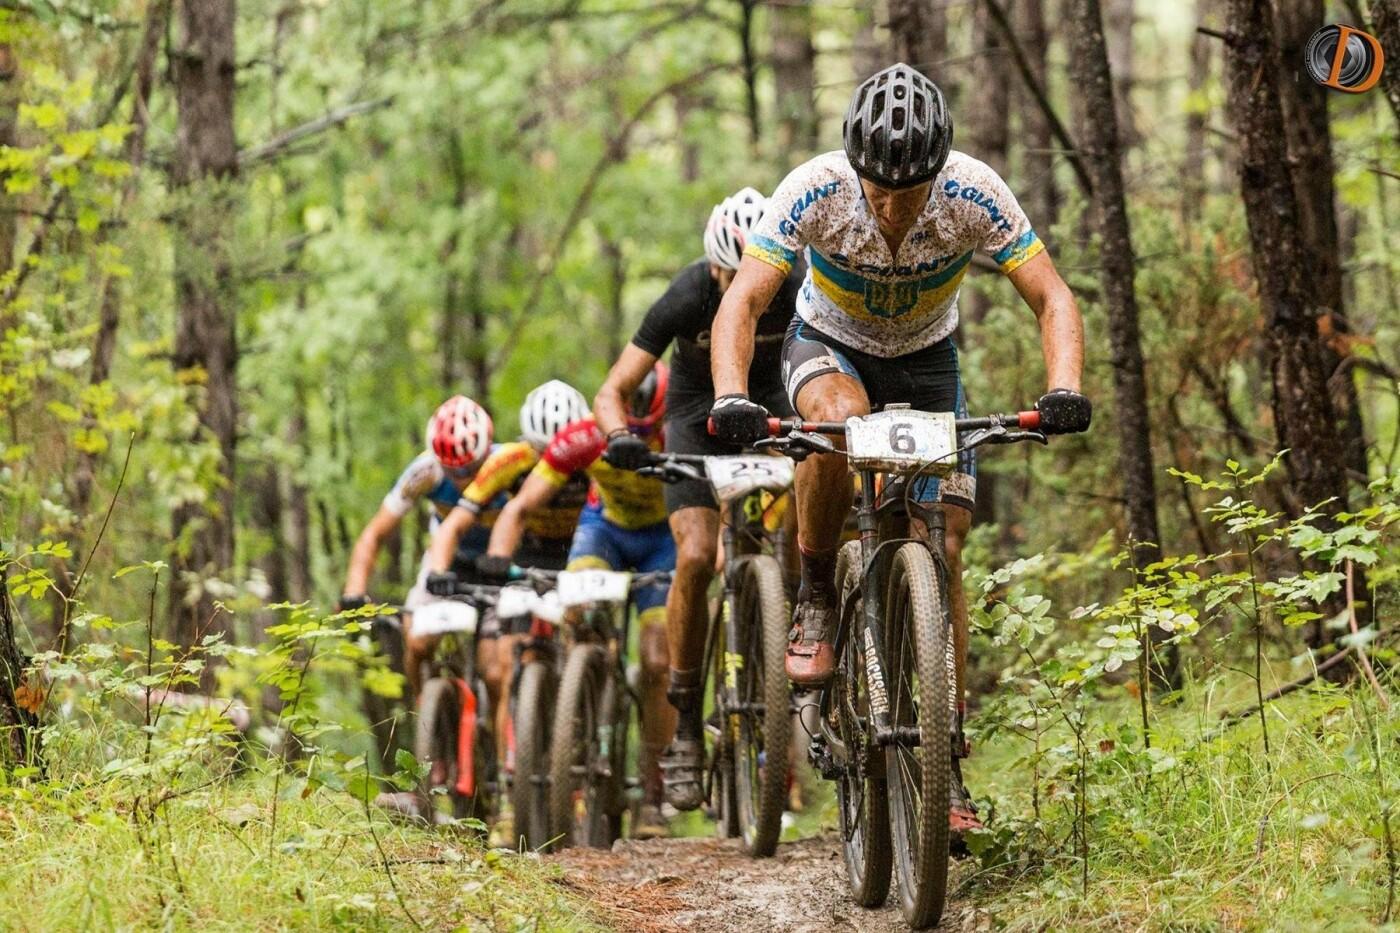 Хмельницький велосипедист представляє Україну на Чемпіонаті світу, фото-1